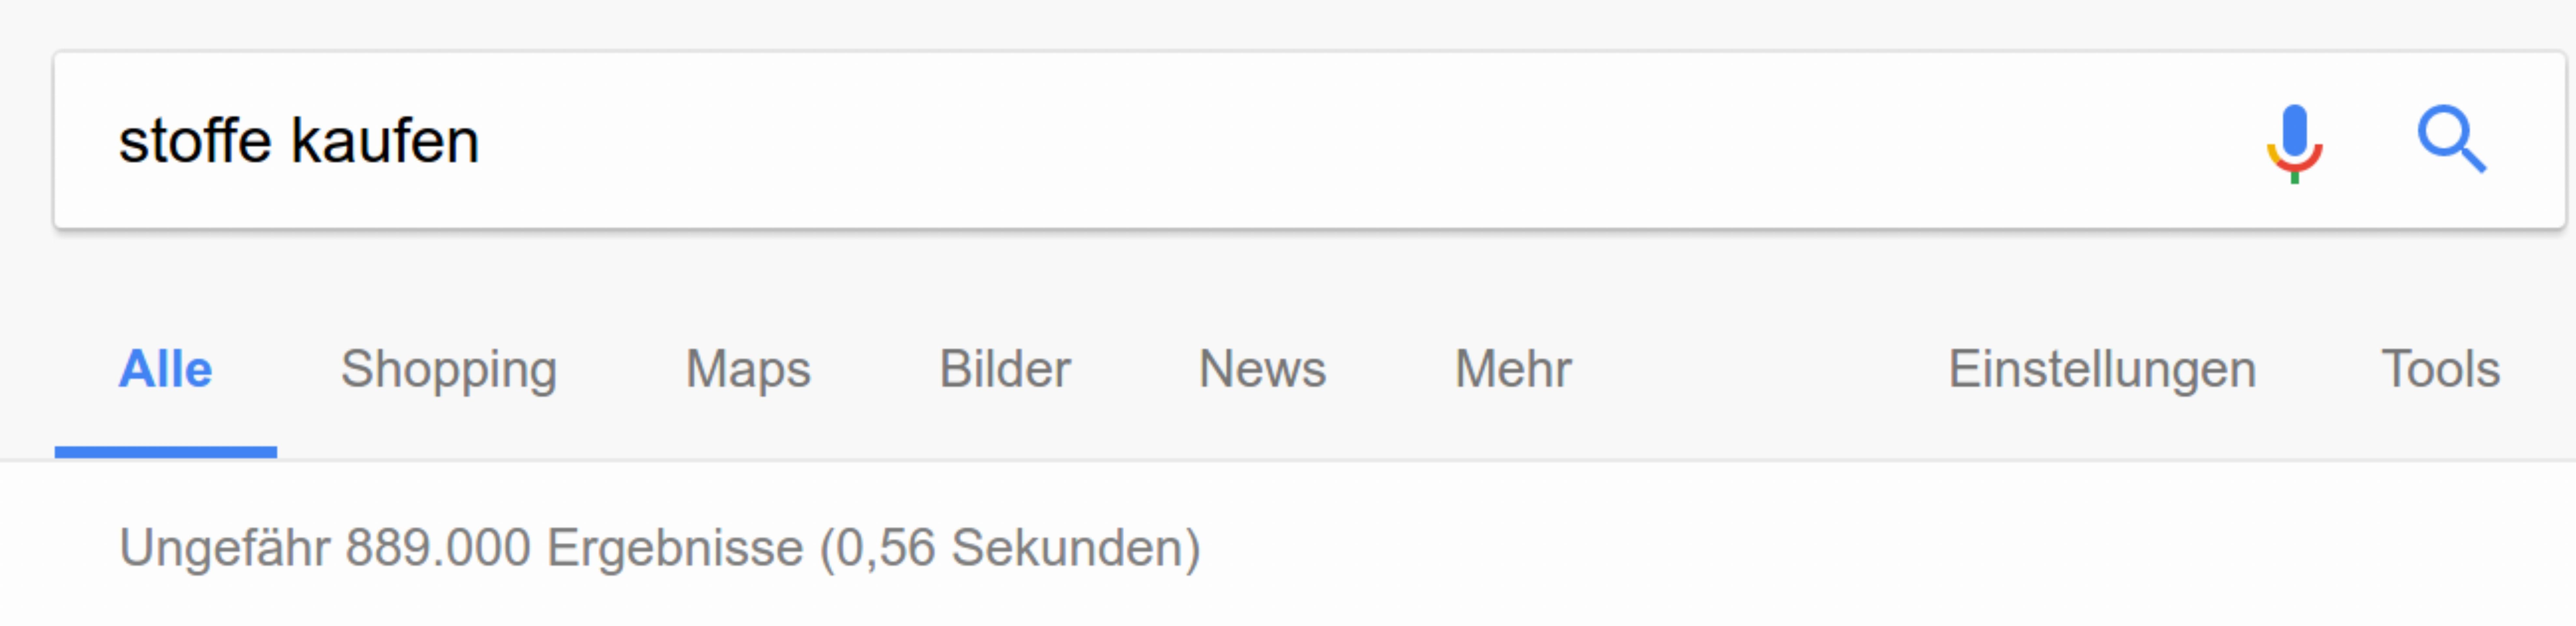 Anzahl der Suchergebnisse